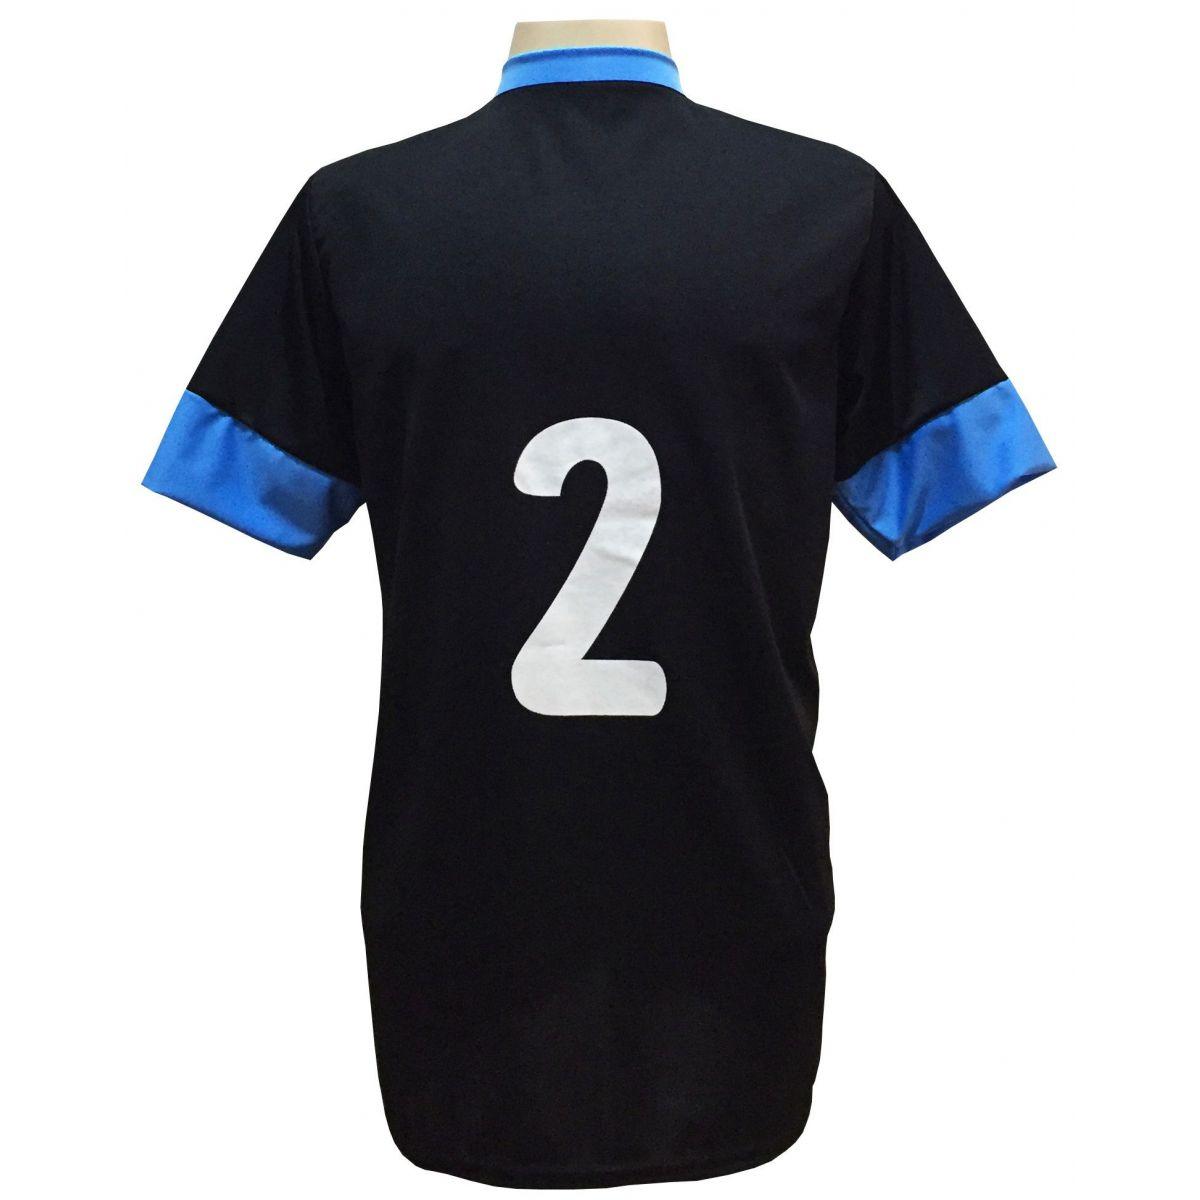 Fardamento Completo modelo Columbus 18+2 (18 camisas Preto/Celeste + 18 Calções Madrid Preto + 18 Pares de Meiões Pretos + 2 Conjuntos de Goleiro) + Brindes